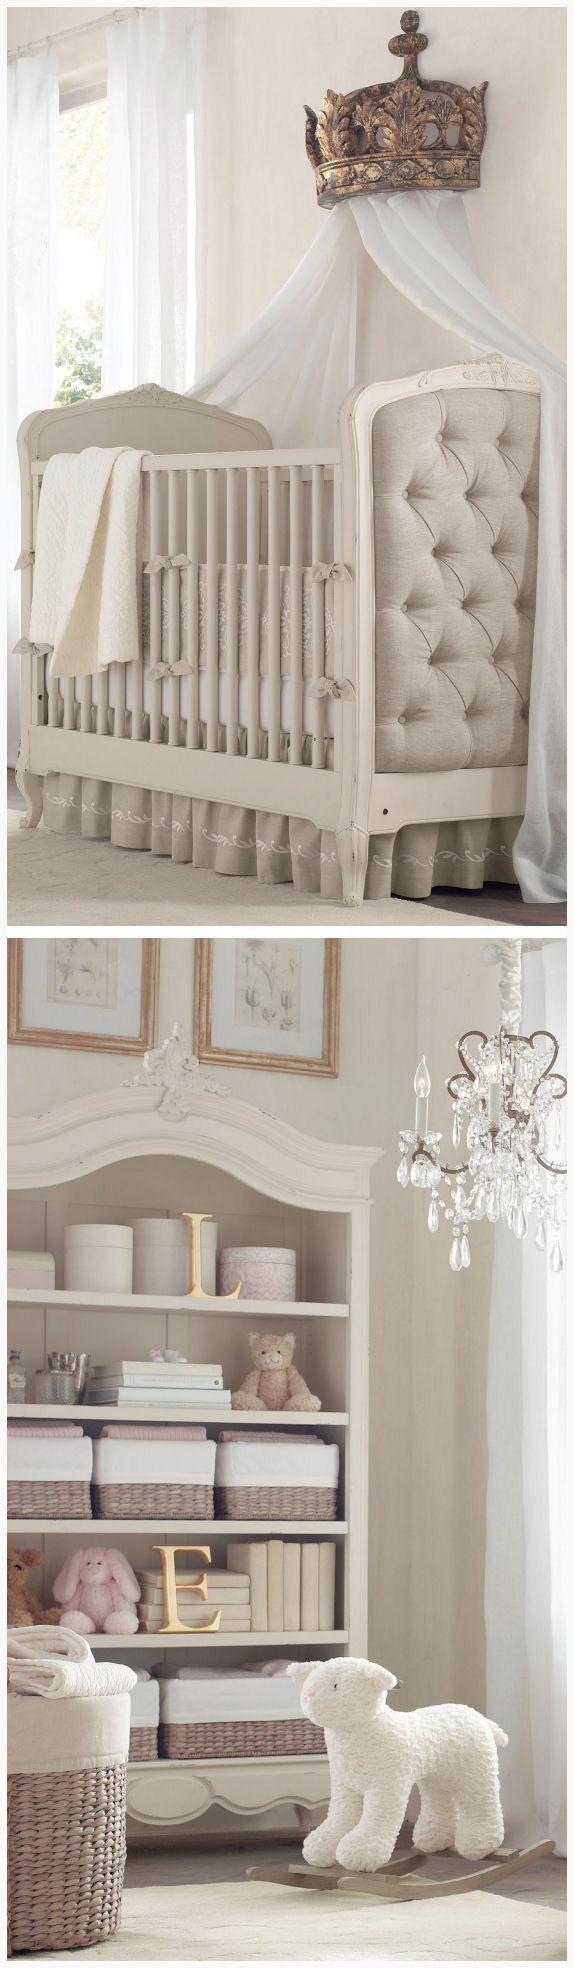 best nursery ideas images on pinterest baby room child room